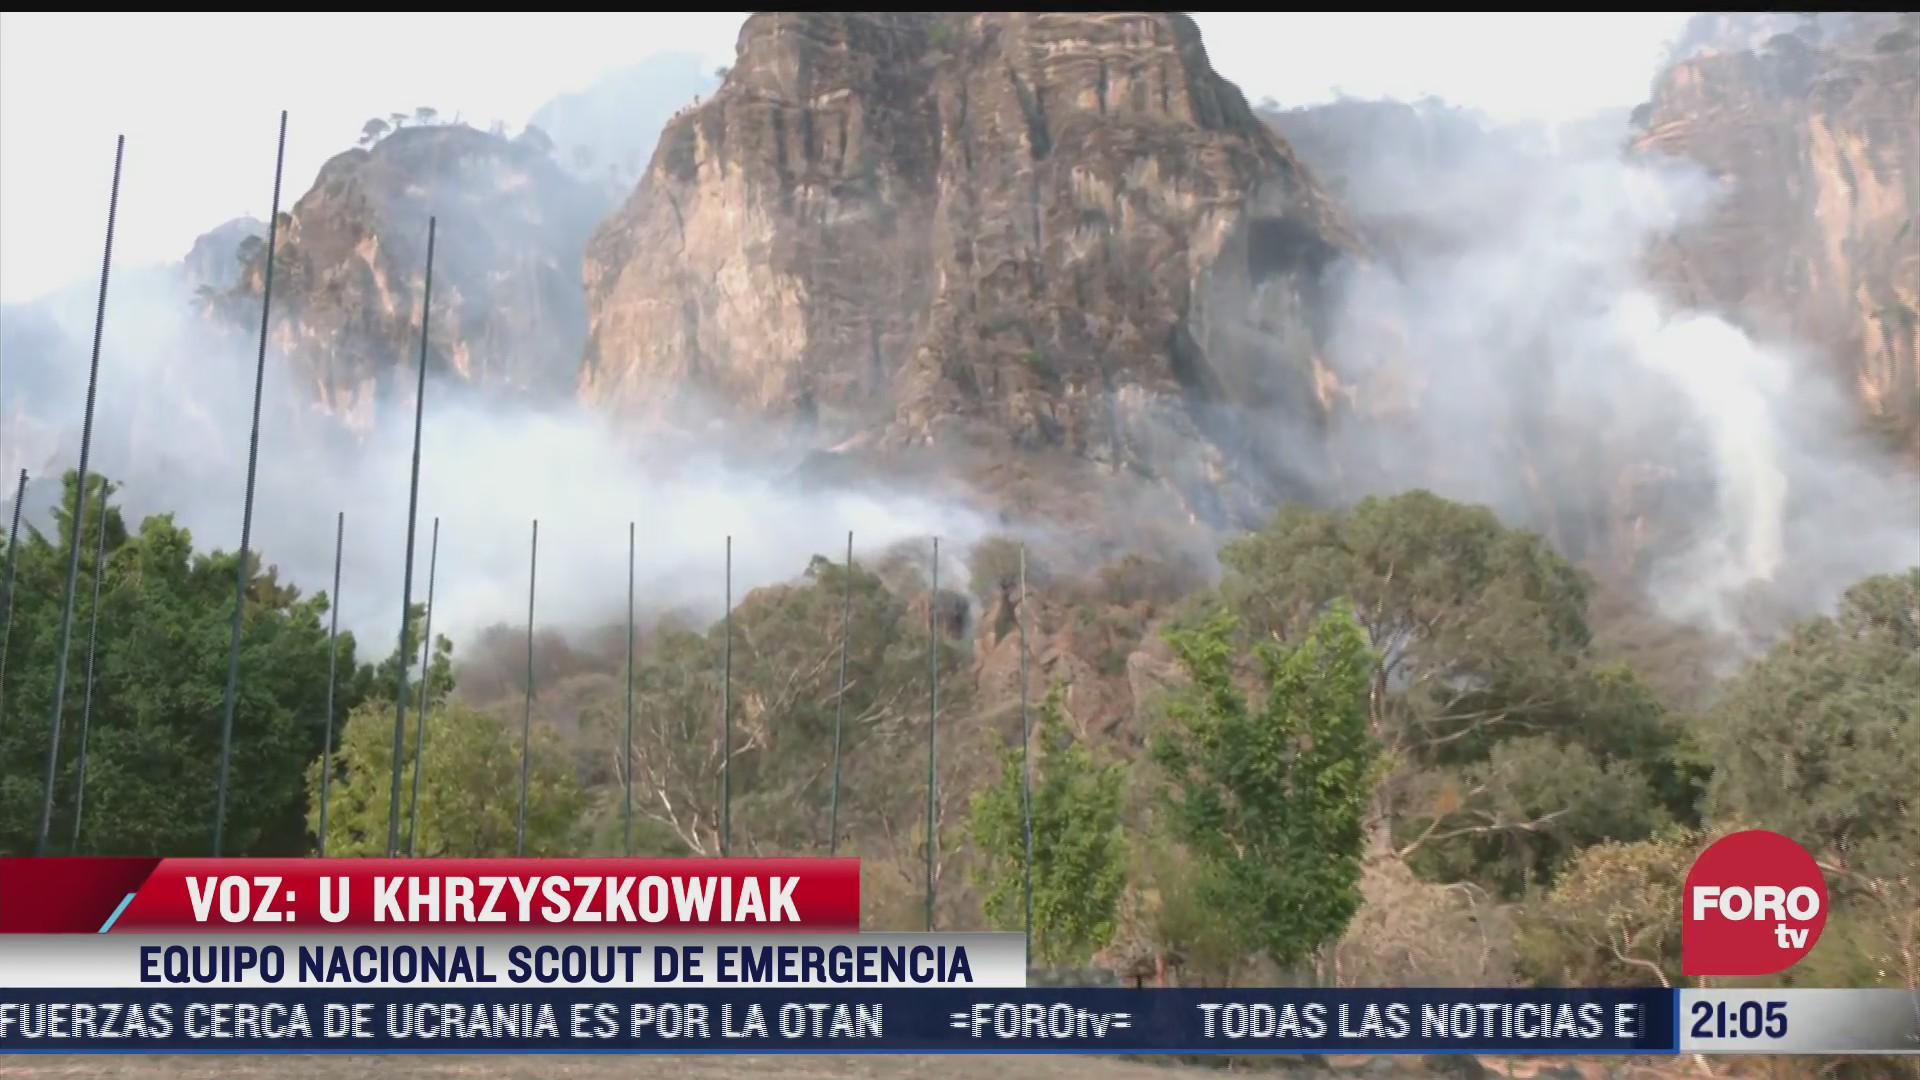 brigadistas trabajan en sofocar incendio forestal en tepoztlan